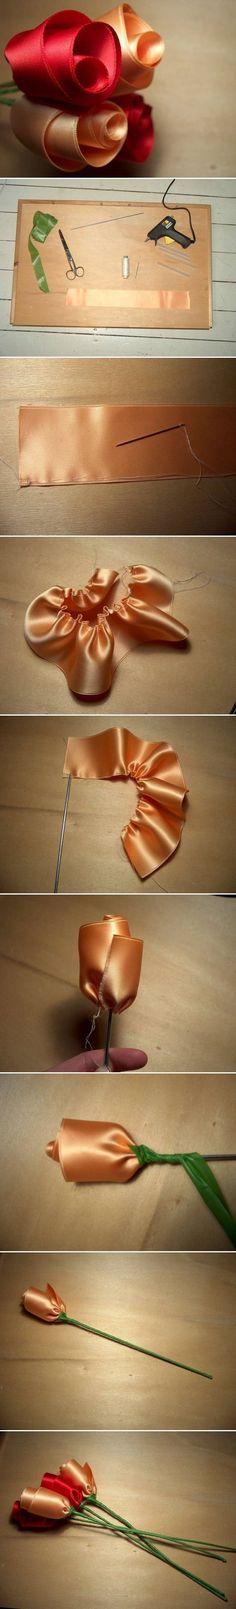 Rosas de satén. Este proyecto te mostrará como realizar muy fácilmente unas elegantes rosas en cinta de satén, ideales para realizar un arreglo permanente. http://wp.me/p1ytFq-NV